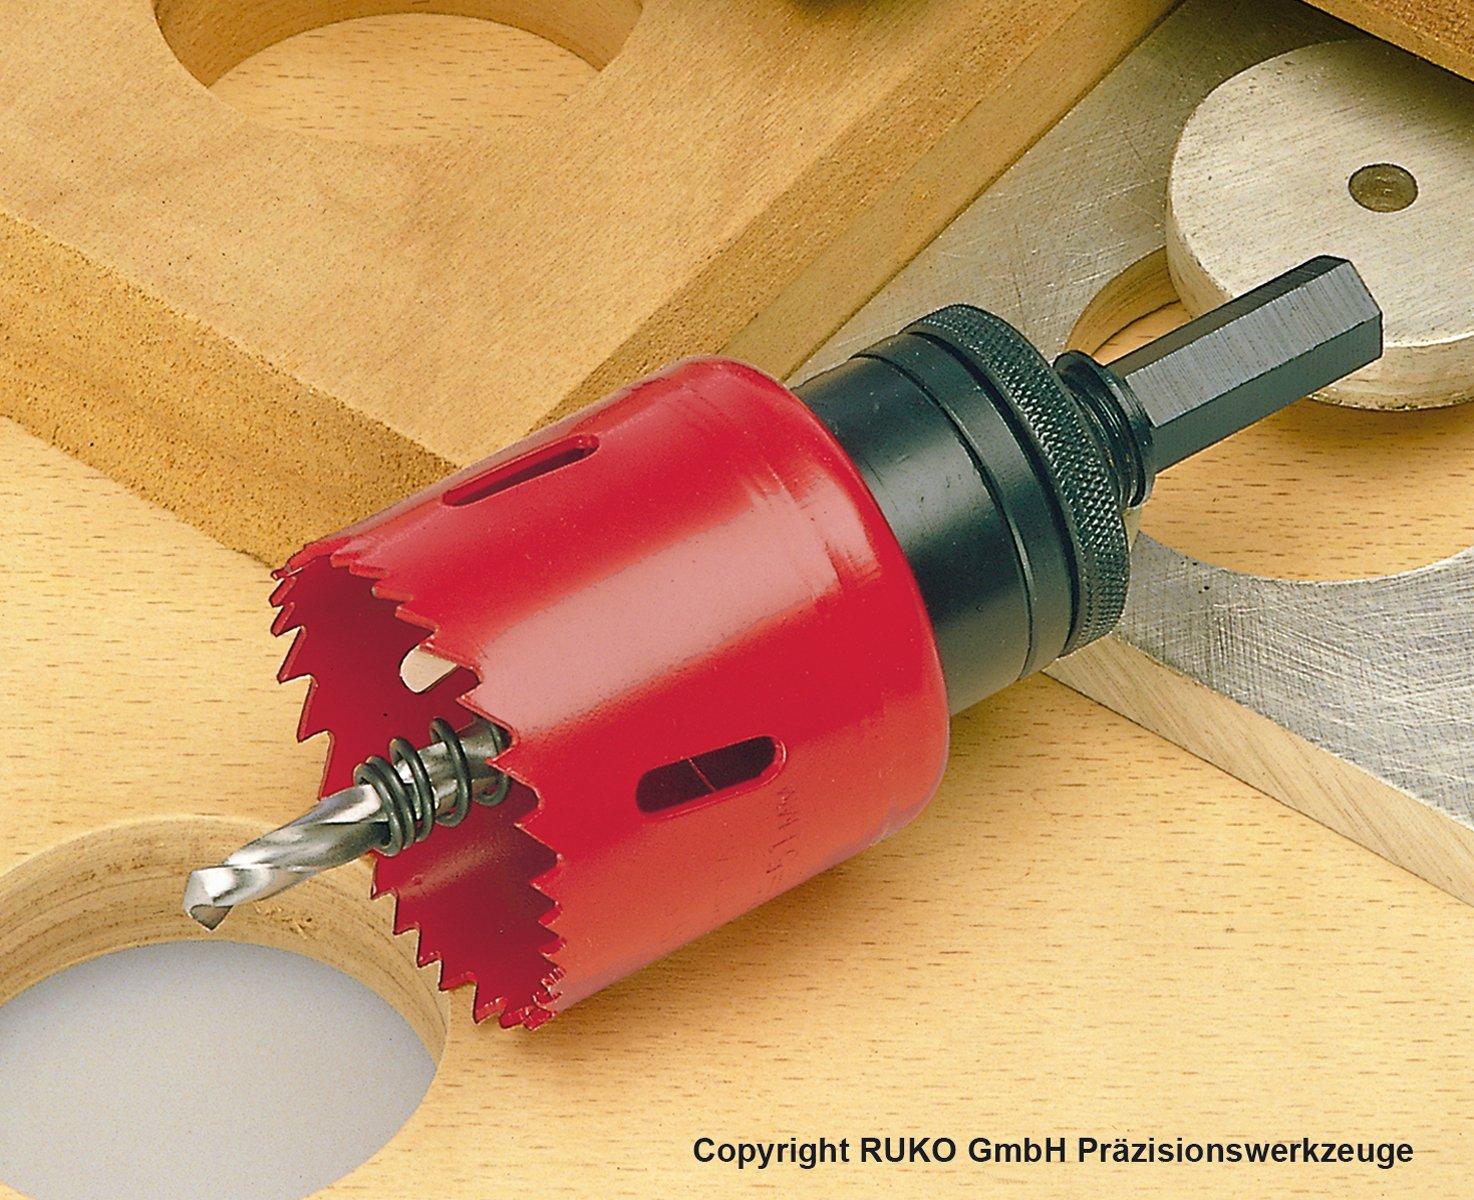 RUKO 106200 High Speed Steel Bi-Metal Hole Saw, 8-1/4'' by Ruko